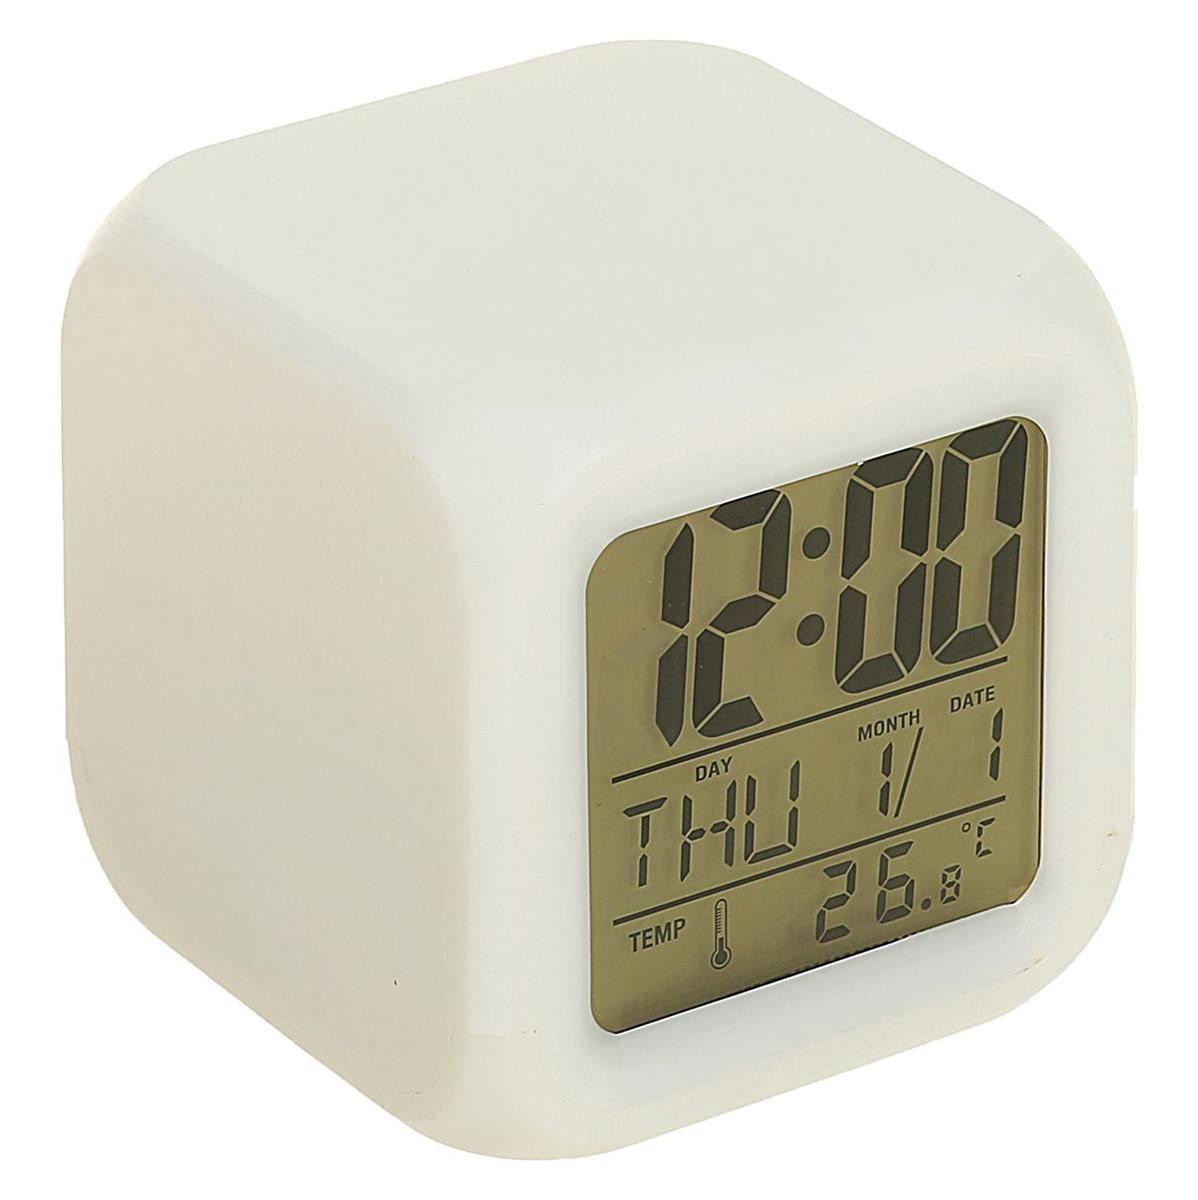 Часы-будильник Luazon Home. 137977137977Минималистический дизайн часов в форме куба станет стильным акцентом в интерьере. Прибор заменяет сразу несколько устройств: часы, будильник, календарь и термометр — на дисплее отображаются показатели времени, даты, дня недели и месяца. Электронные часы удобны в использовании: настройка обеспечивается кнопками, расположенными на обратной стороне прибора. Характеристики Функция отображения времени, даты и температуры. Функция будильника. Подсветка дисплея. Низкое энергопотребление. Материал корпуса: пластик. Работает 3 батареек ААА (в комплект не входят). Хороший подарок для любителей нестандартных интерьерных решений!